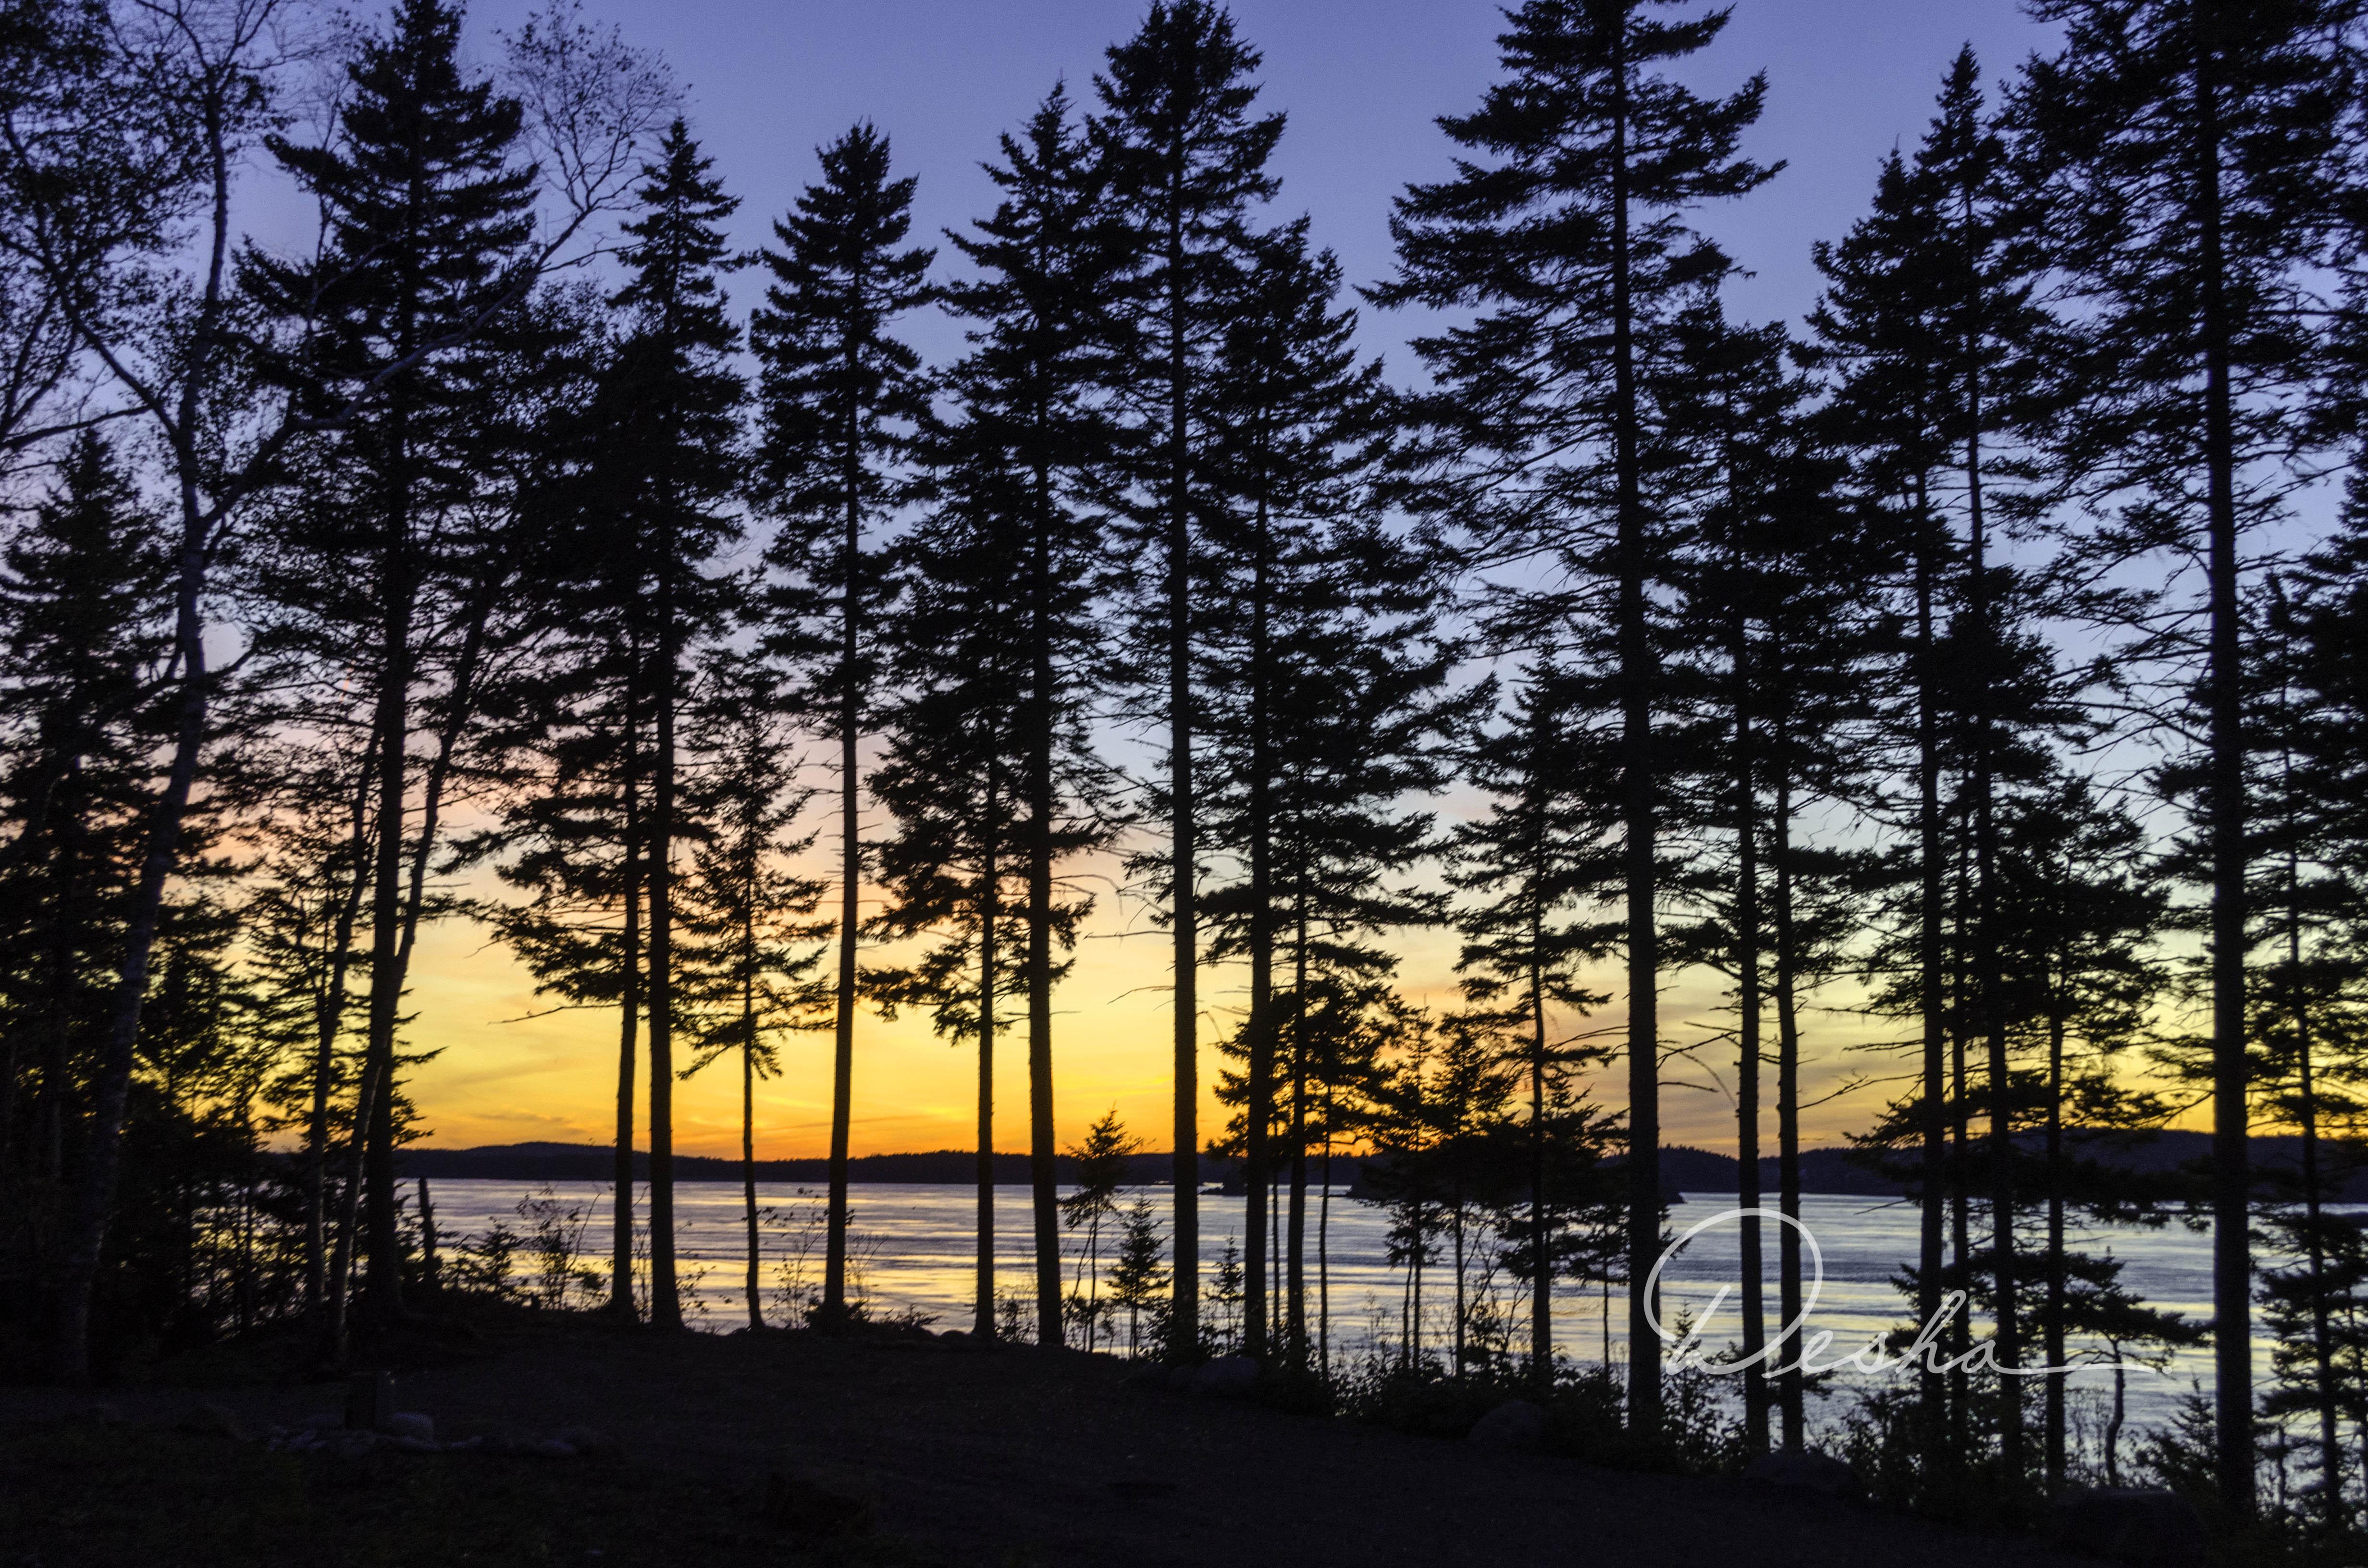 Sunset, New Brunswick, Canada